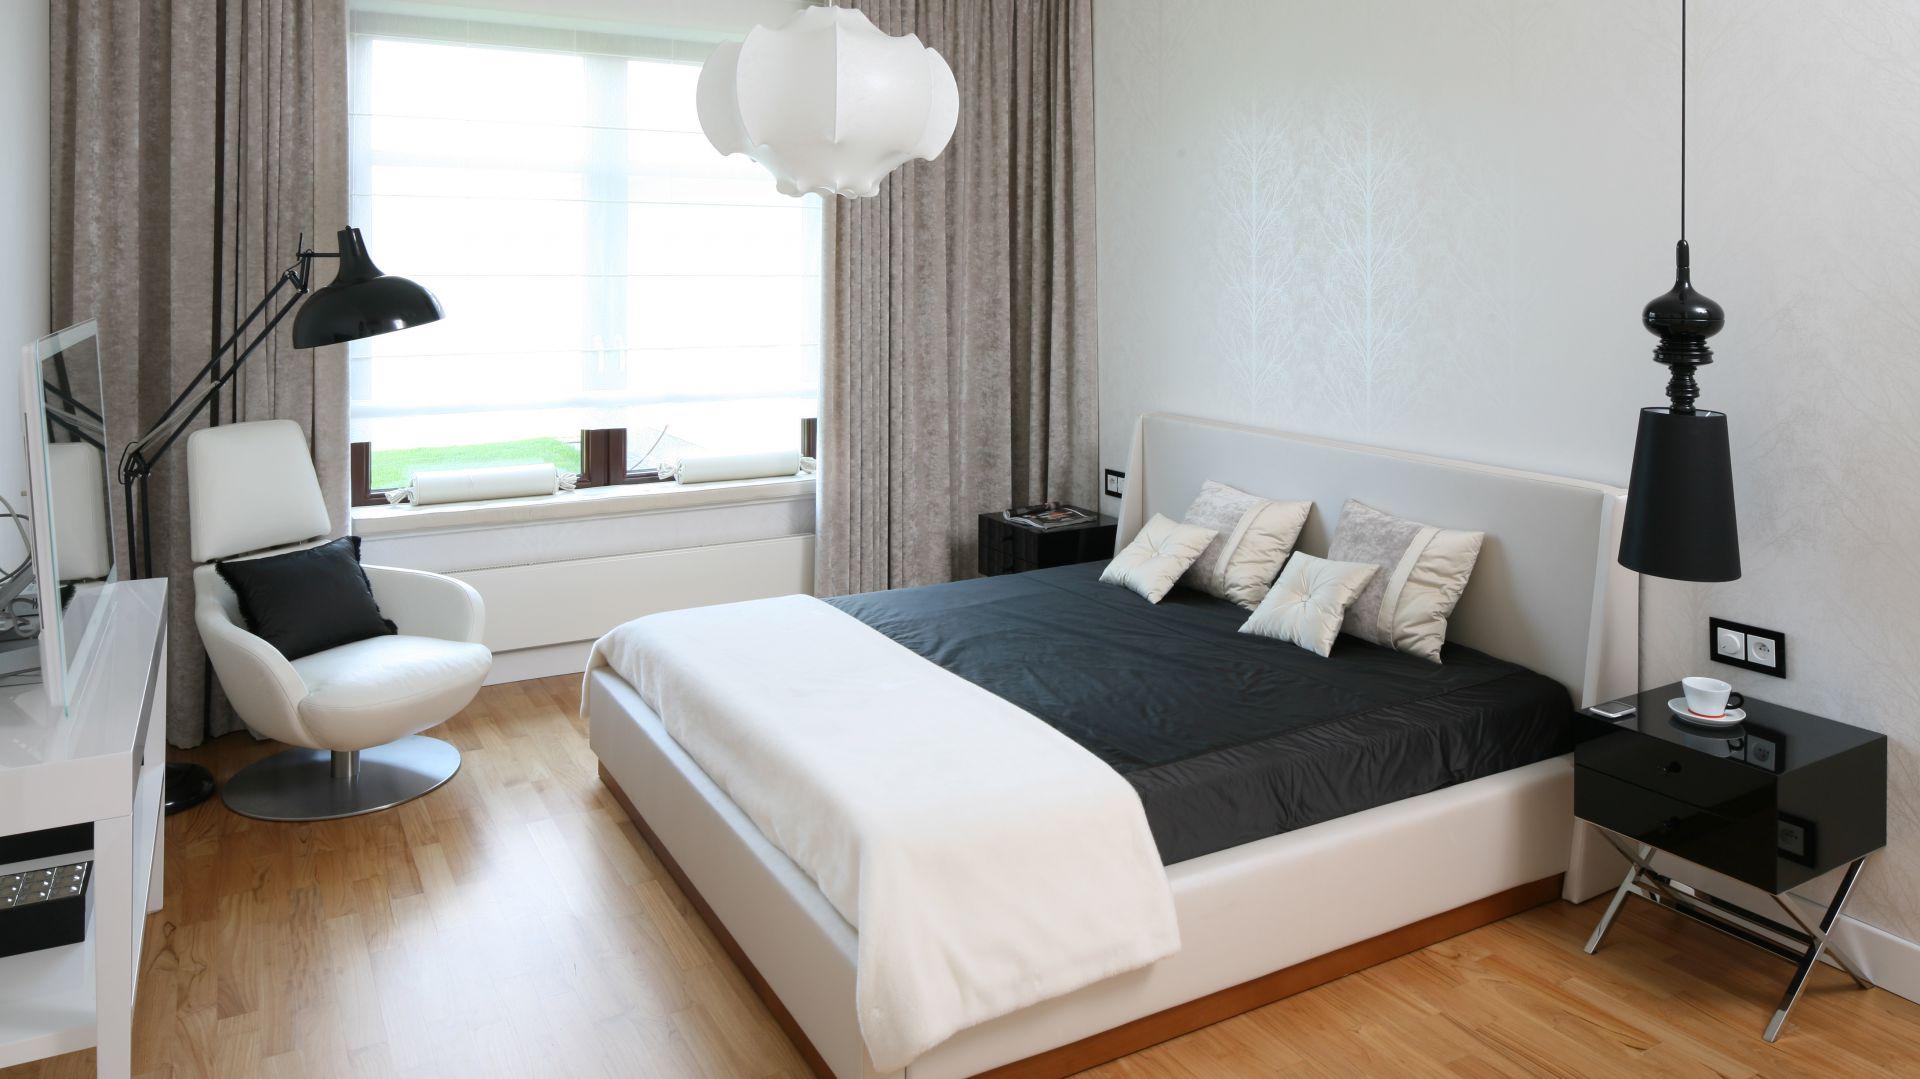 czarna stylizowana lampa oświetlenie sypialni